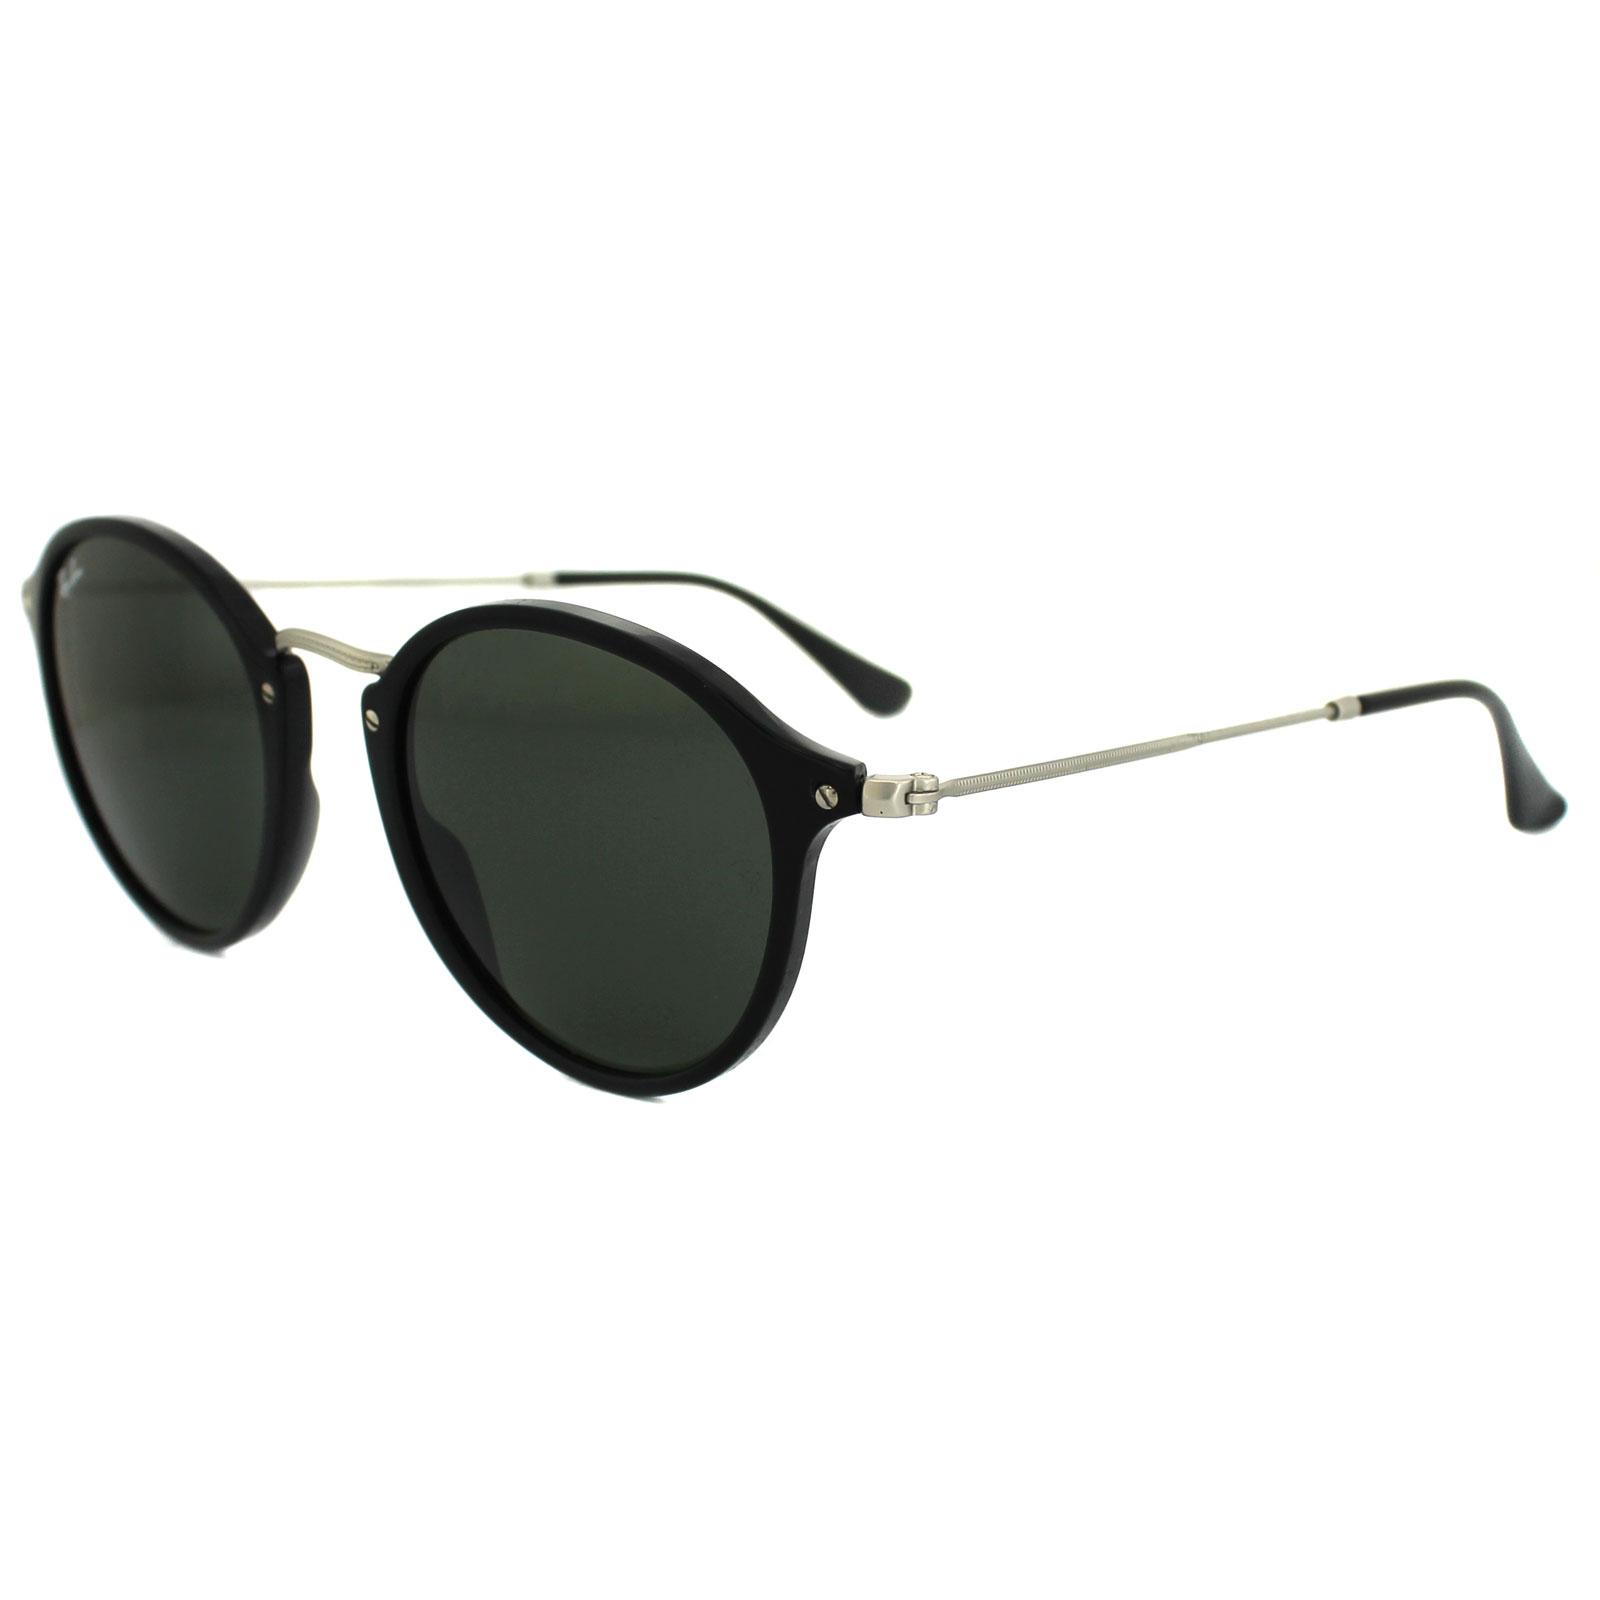 Ray ban sunglasses circle - Ray Ban Round Sunglasses Ebay